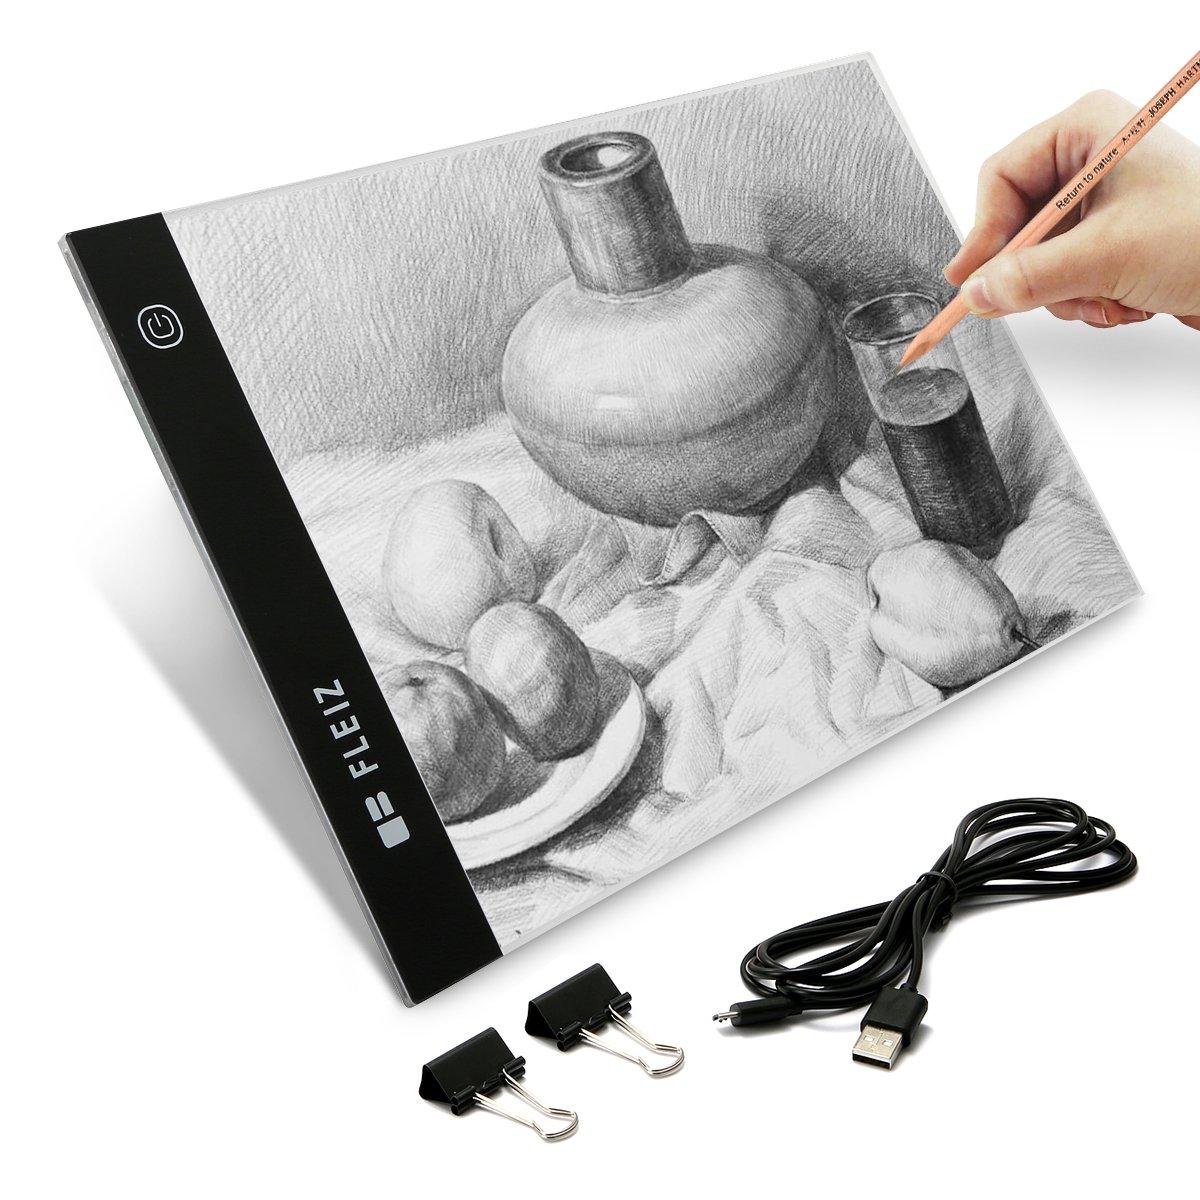 Elfeland Tavoletta Grafica Disegno A4, Tavoletta Luminosa LED, Luminosità regolabile, Disegno Di Protezione Occhi Idee regalo [Classe di efficienza energetica A+]